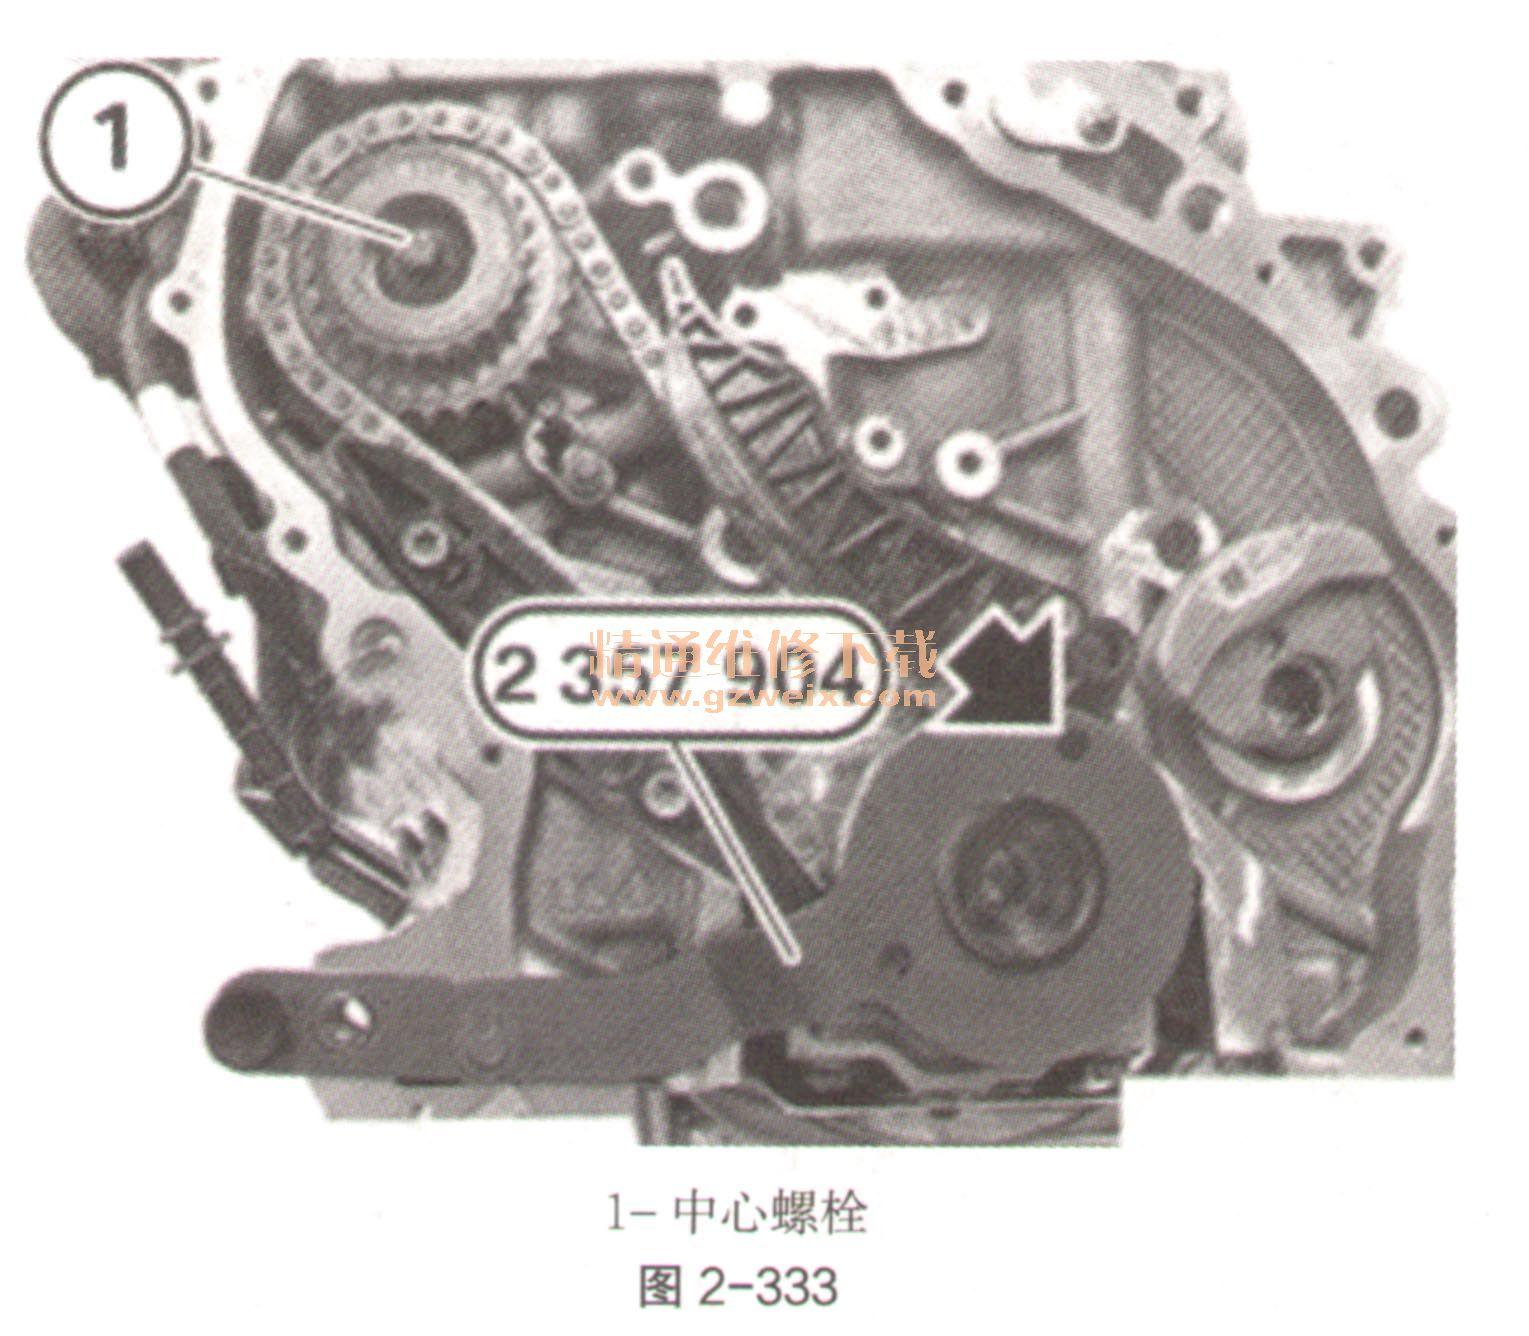 2015年后宝马218i(f45)(1.5t b38)发动机正时校对方法